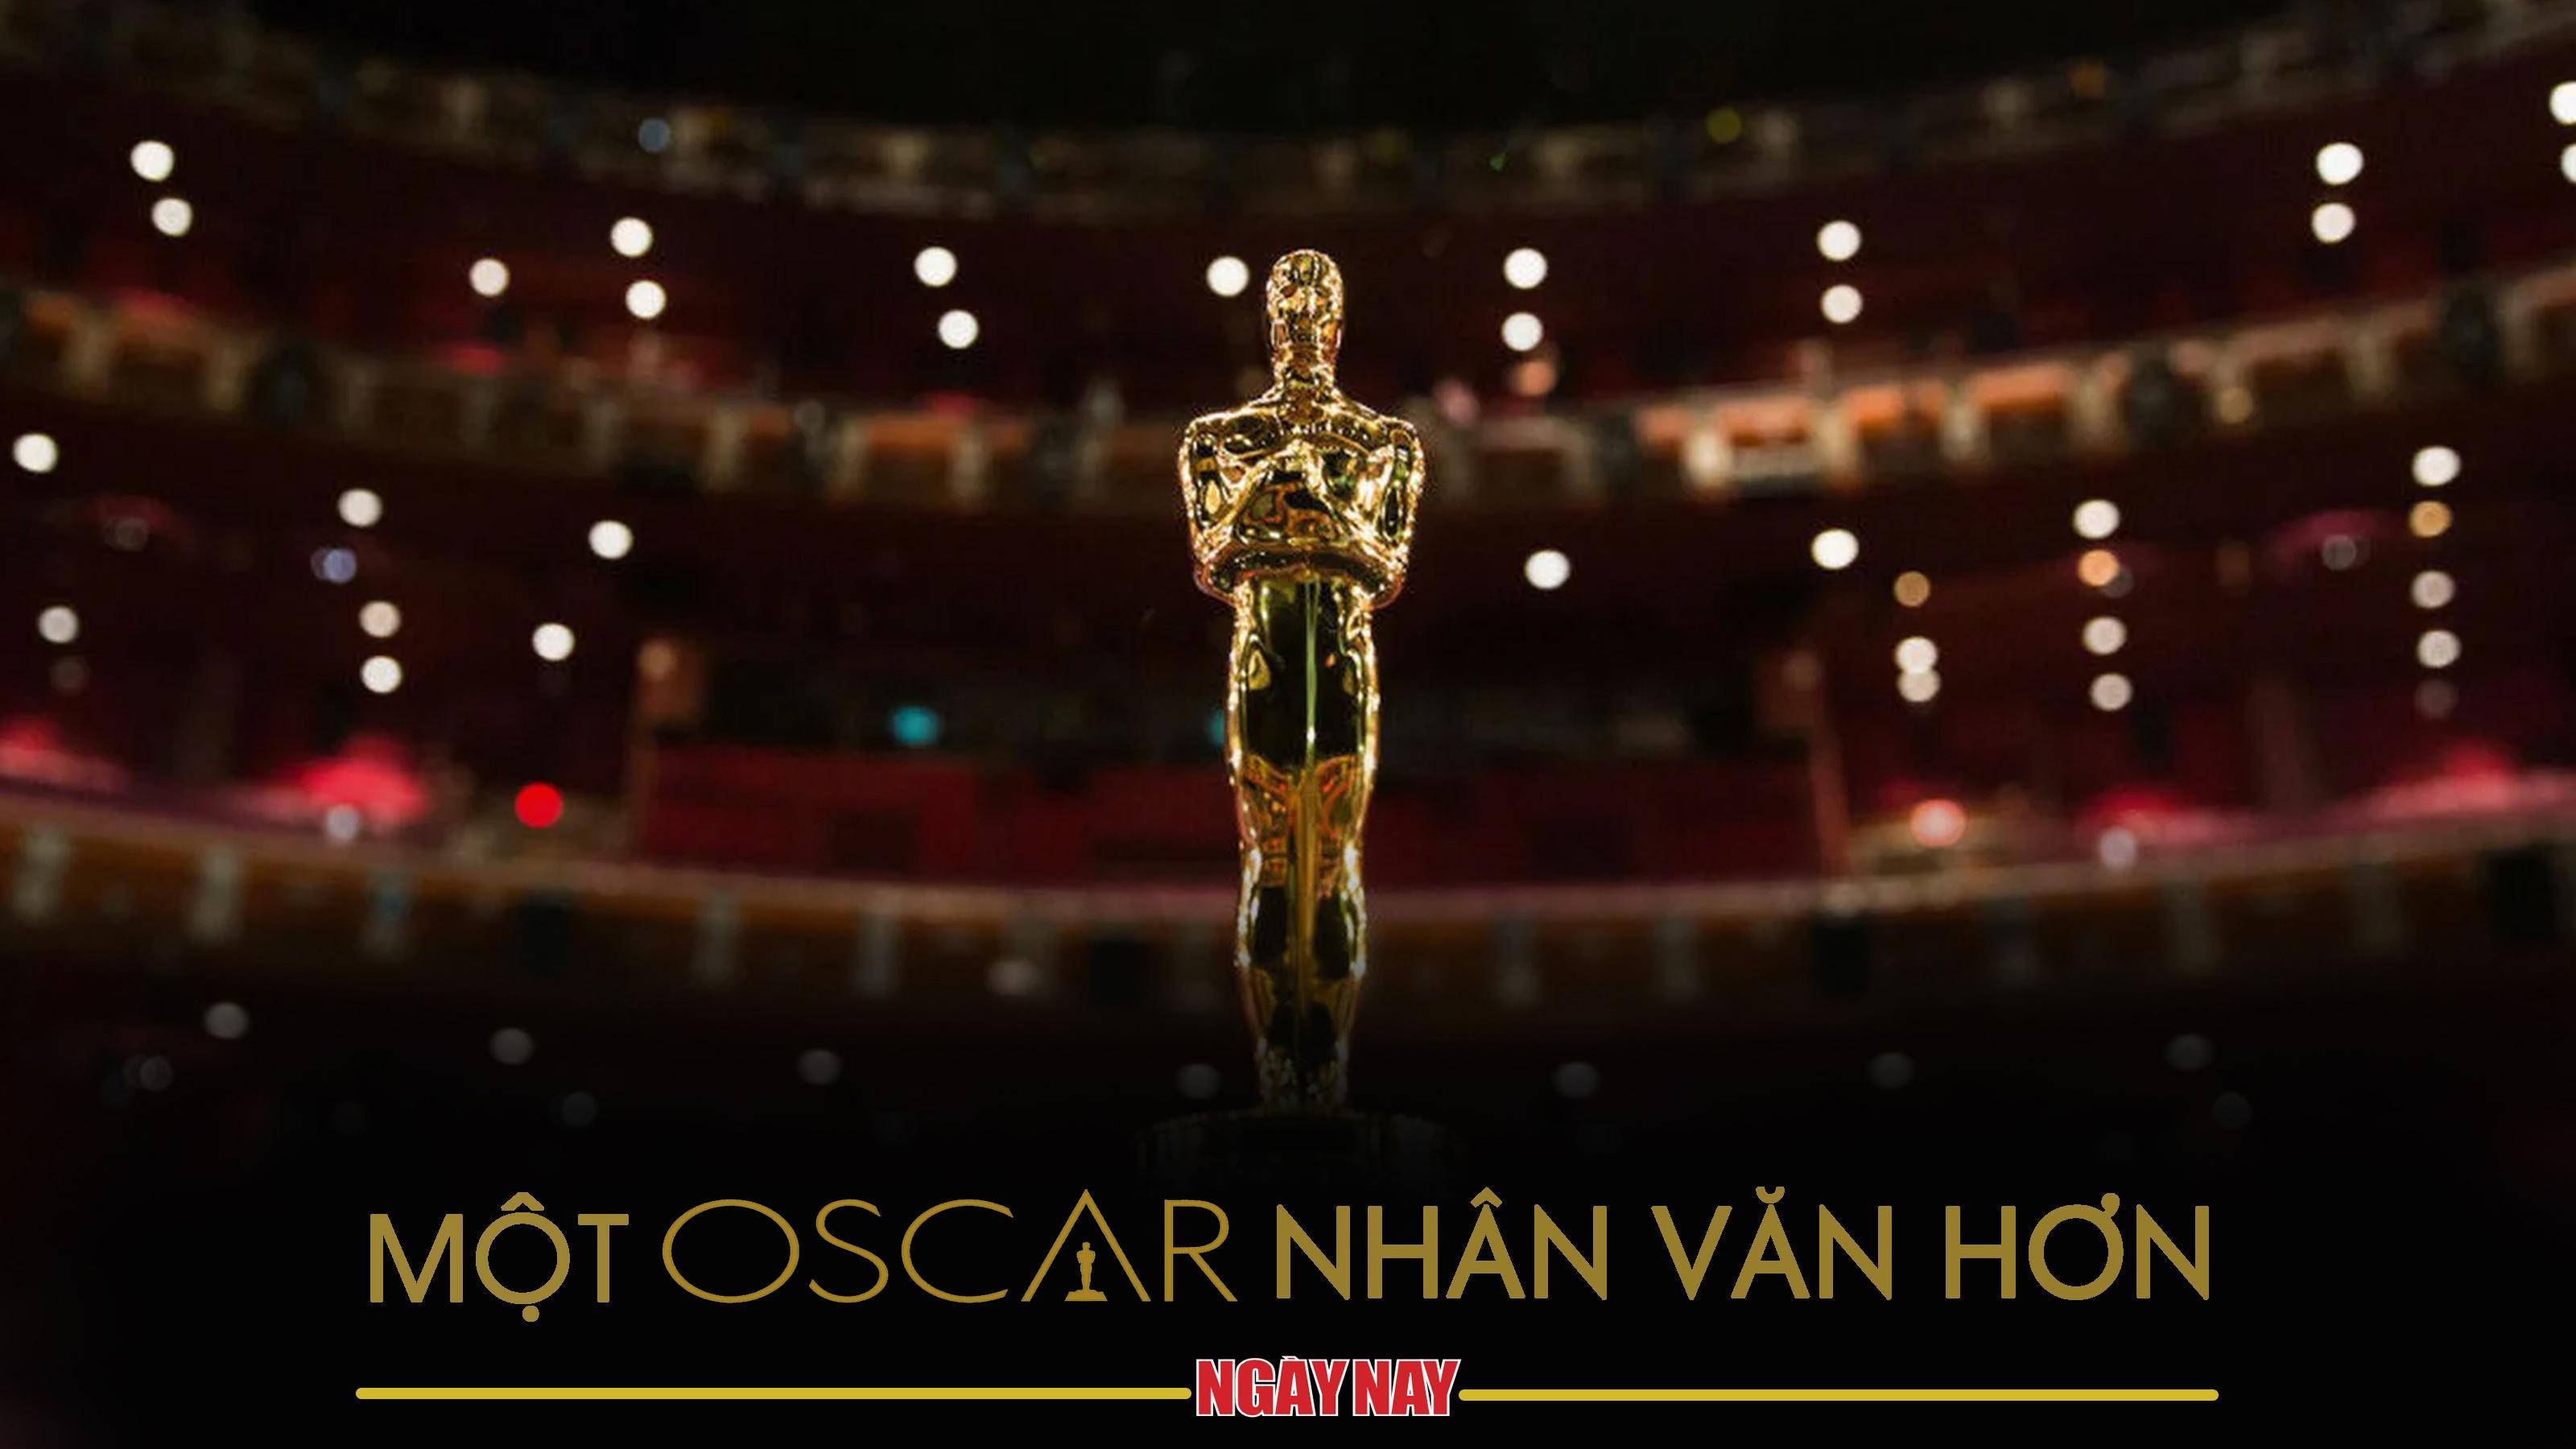 Một Oscar nhân văn hơn